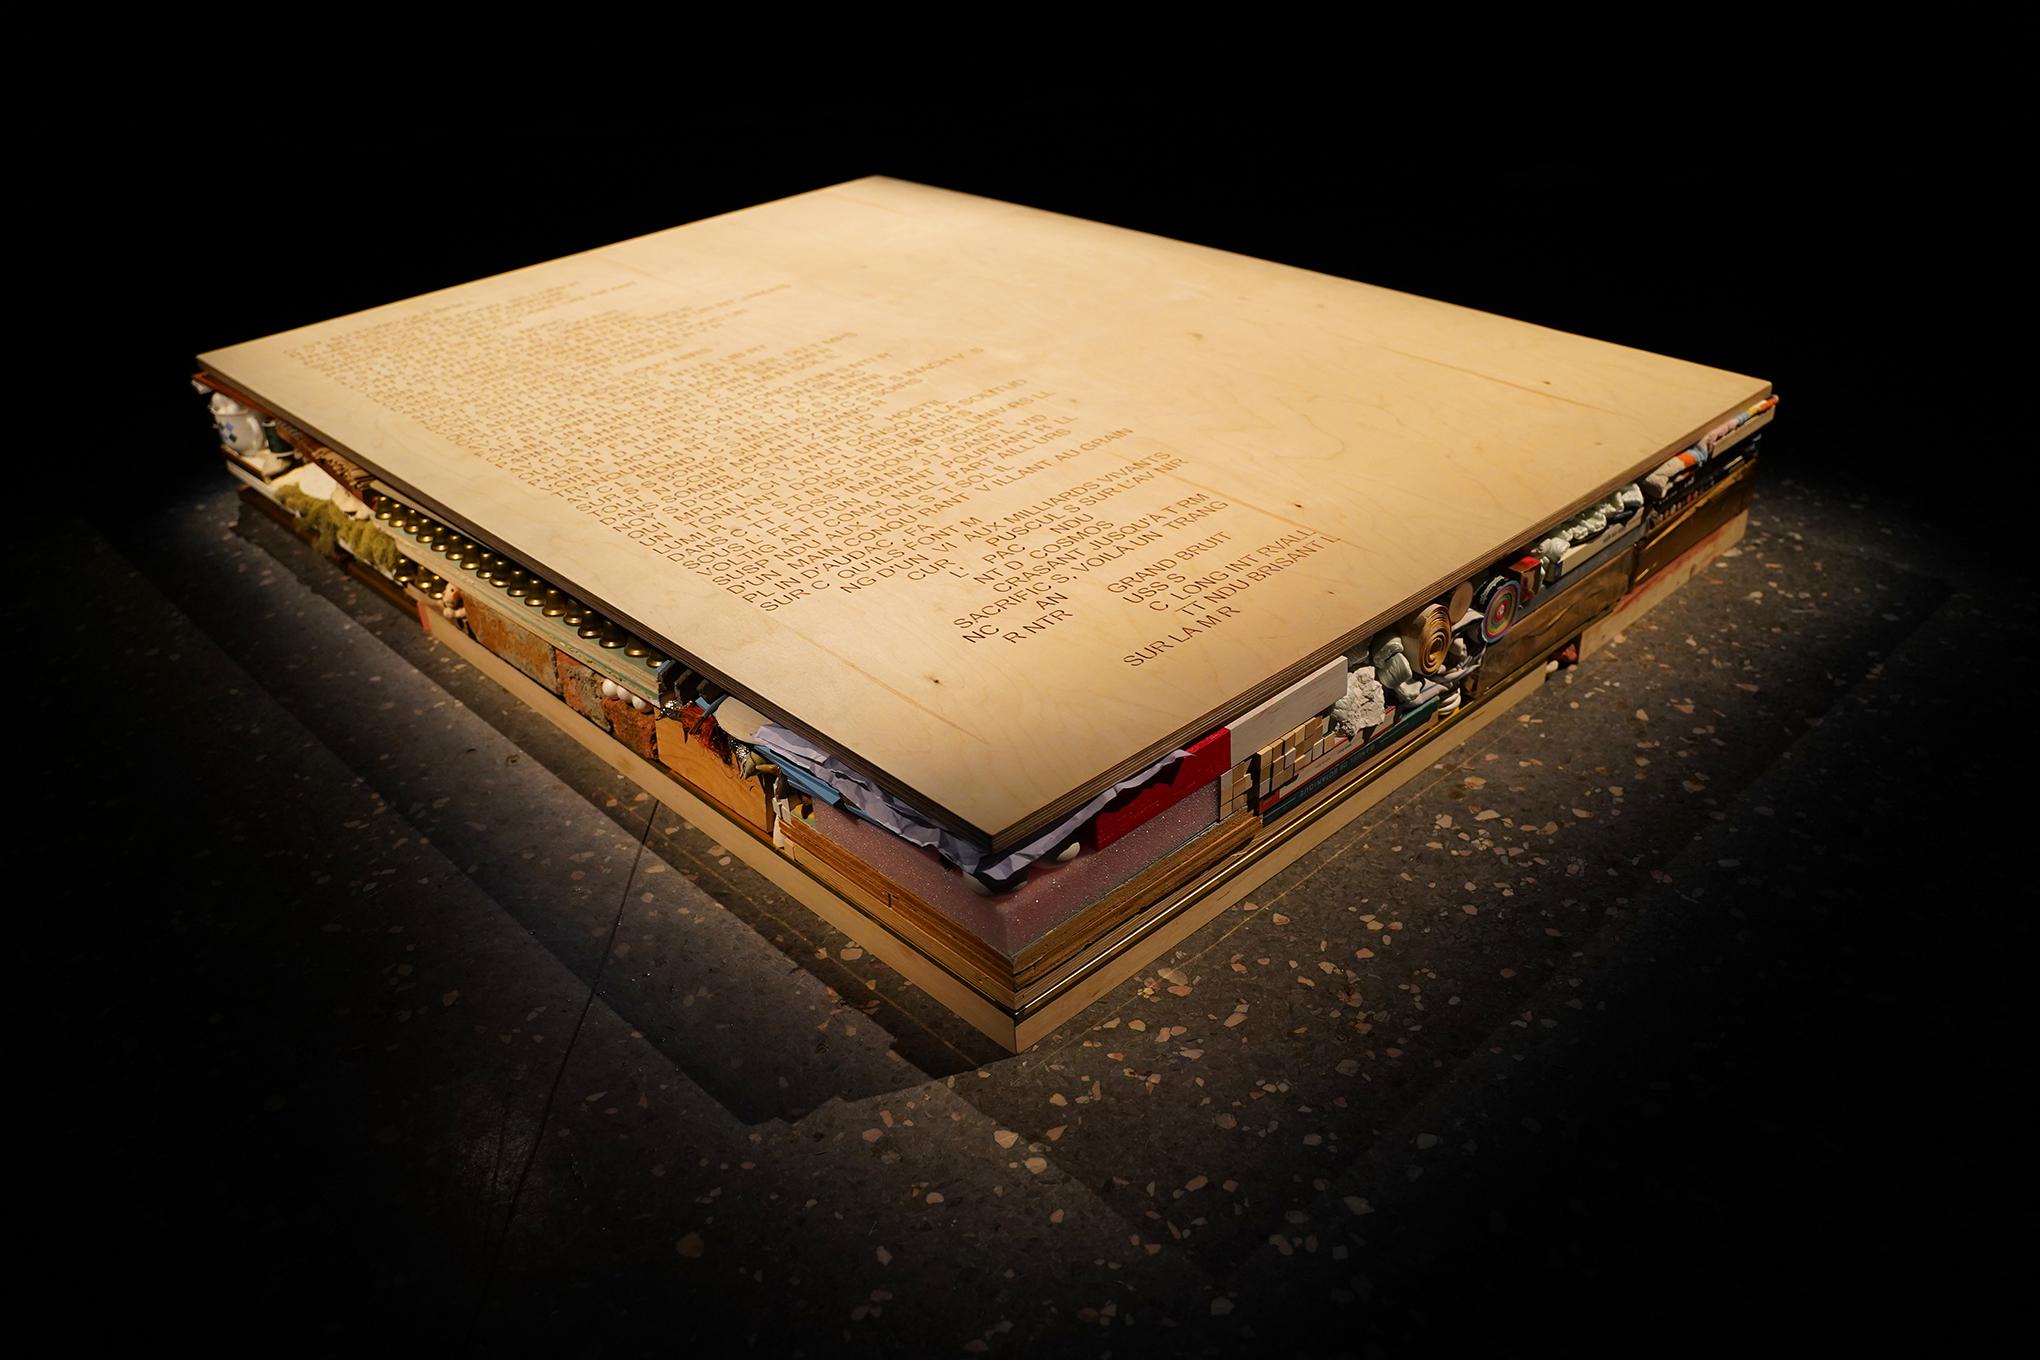 Magali Baribeau-Marchand, Te porter, 2021, contreplaqué de merisier russe gravé et objets divers, 122 x 165 x 25 cm. Crédit photo: Magali Baribeau-Marchand.